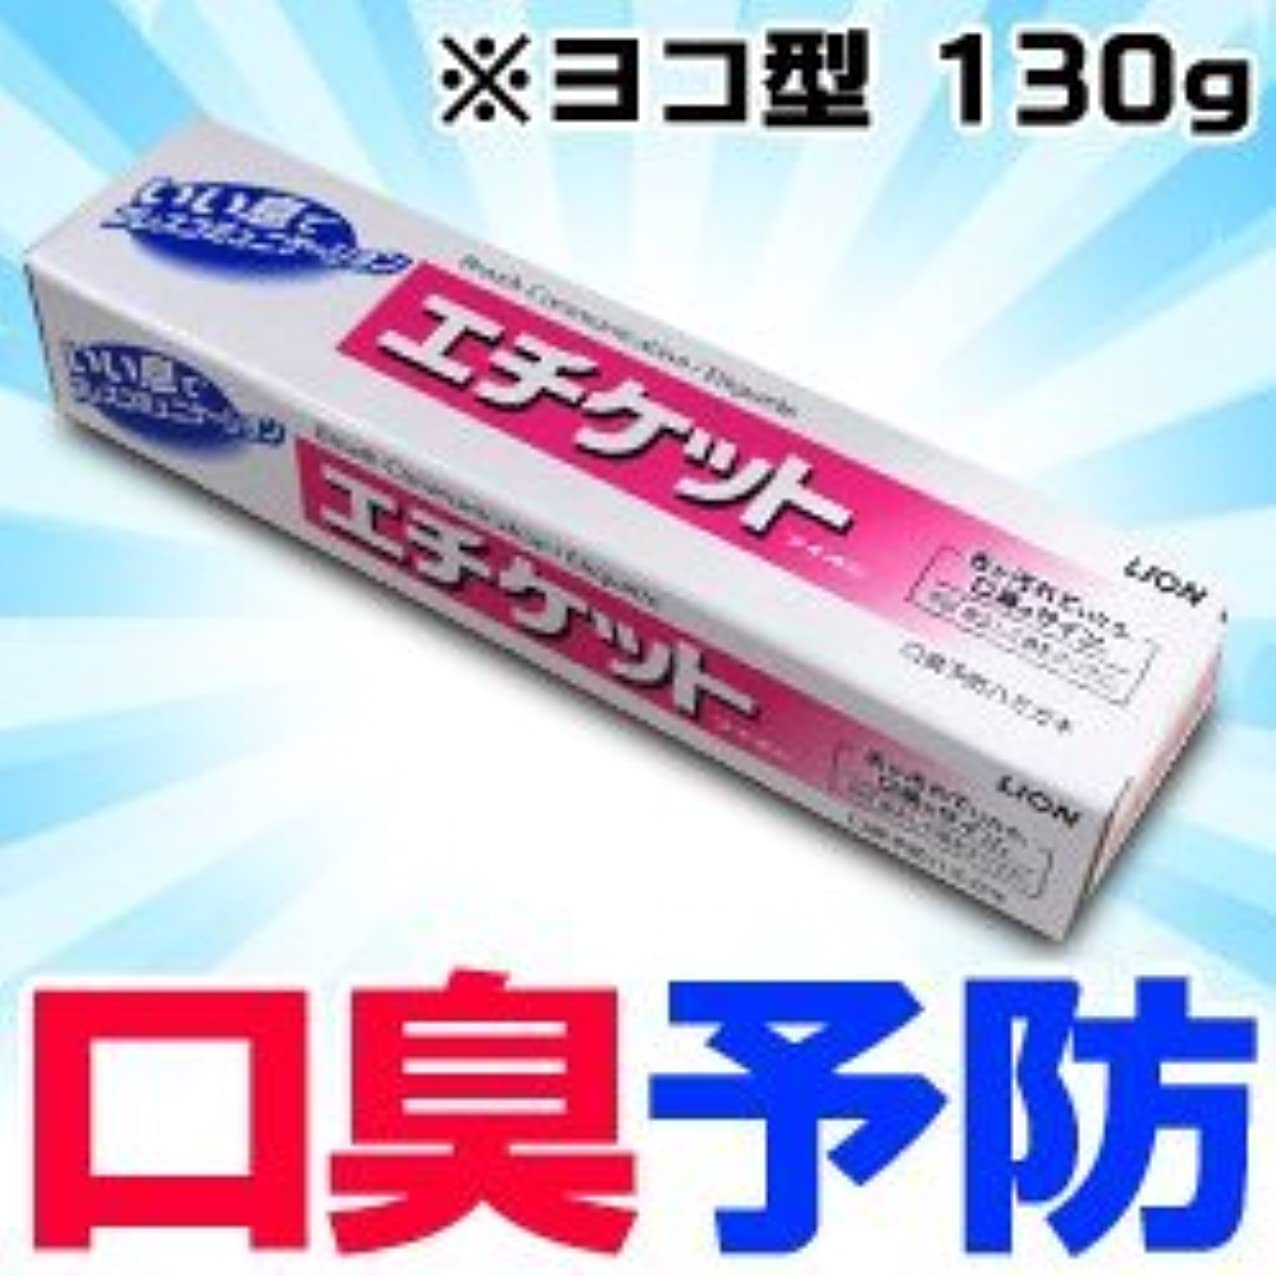 レイア風変わりなミニチュア【ライオン】口臭予防ハミガキ「エチケットライオン」 130g ×10個セット